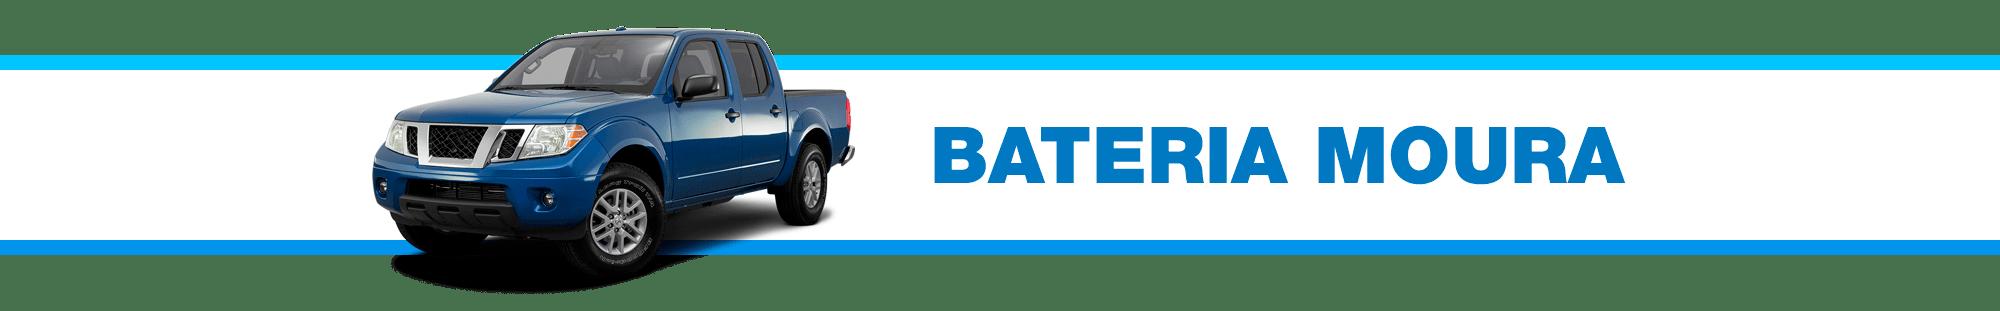 sv-baterias-bateria-moura-carro-v1